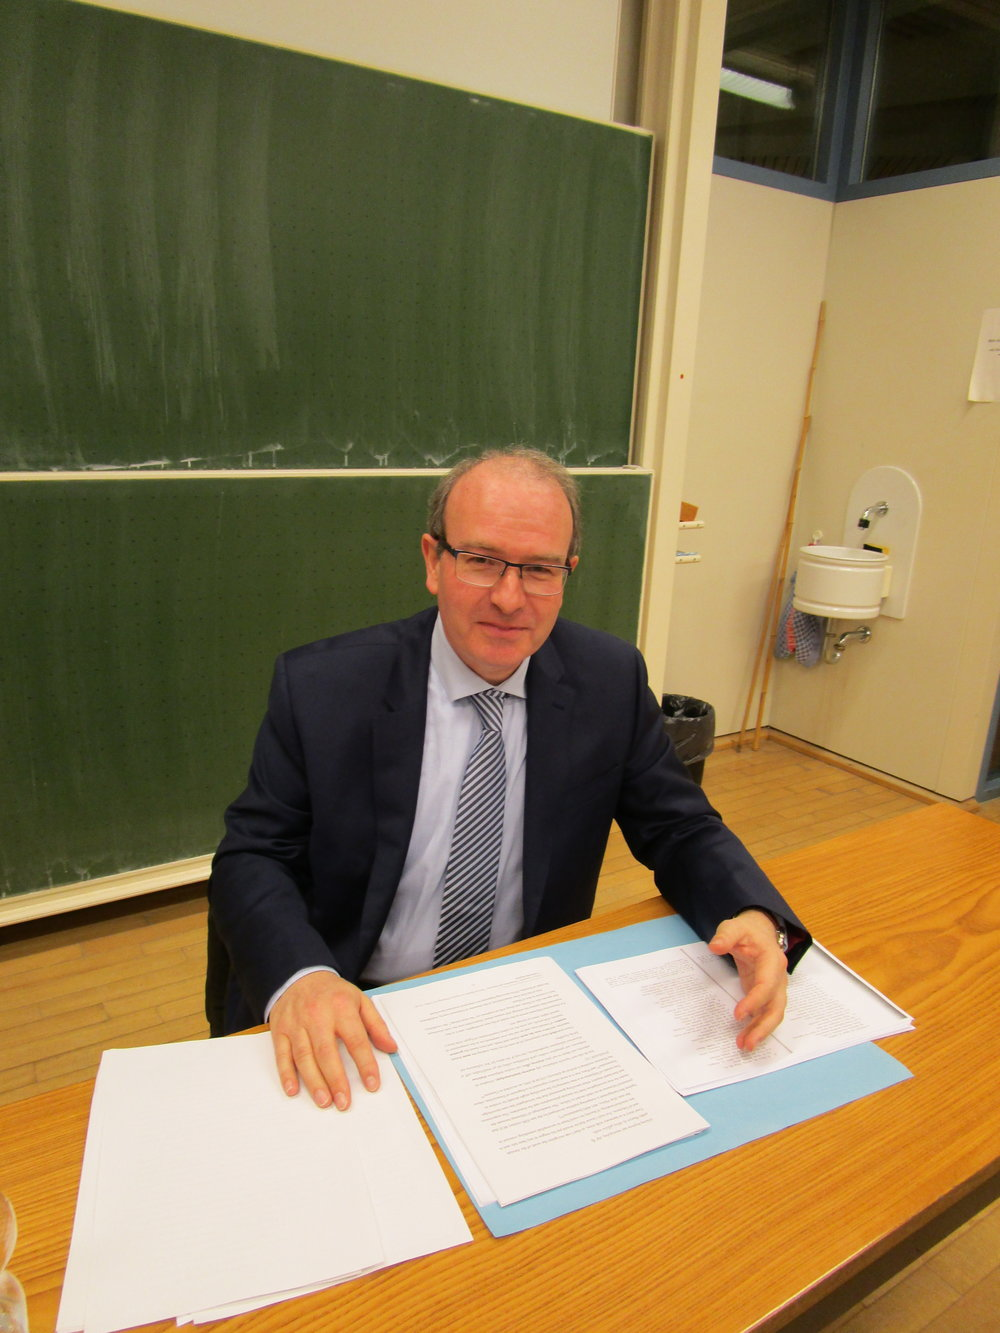 Prof. Aitken